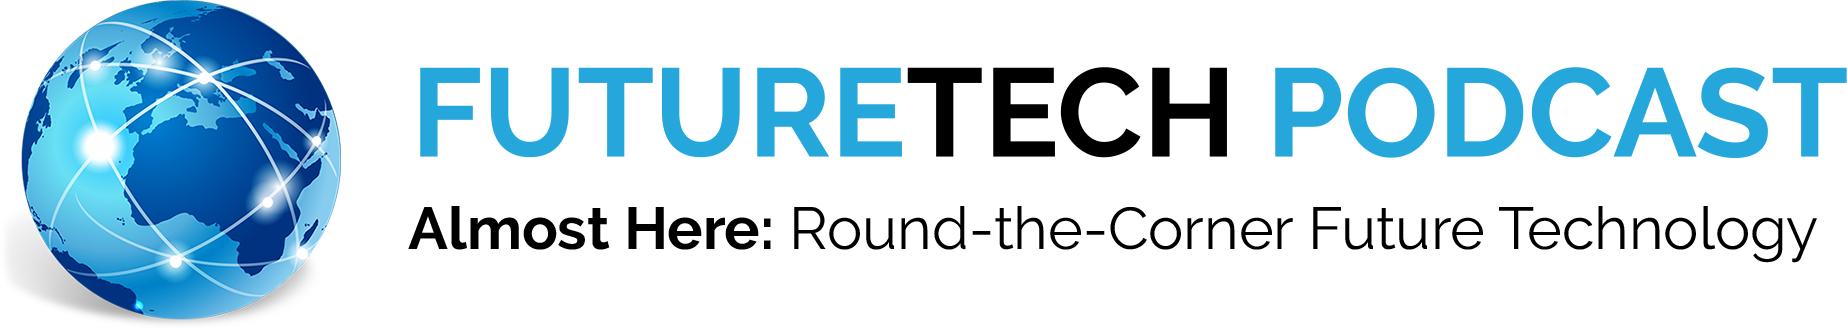 FutureTech-Podcast-logo copy.jpg